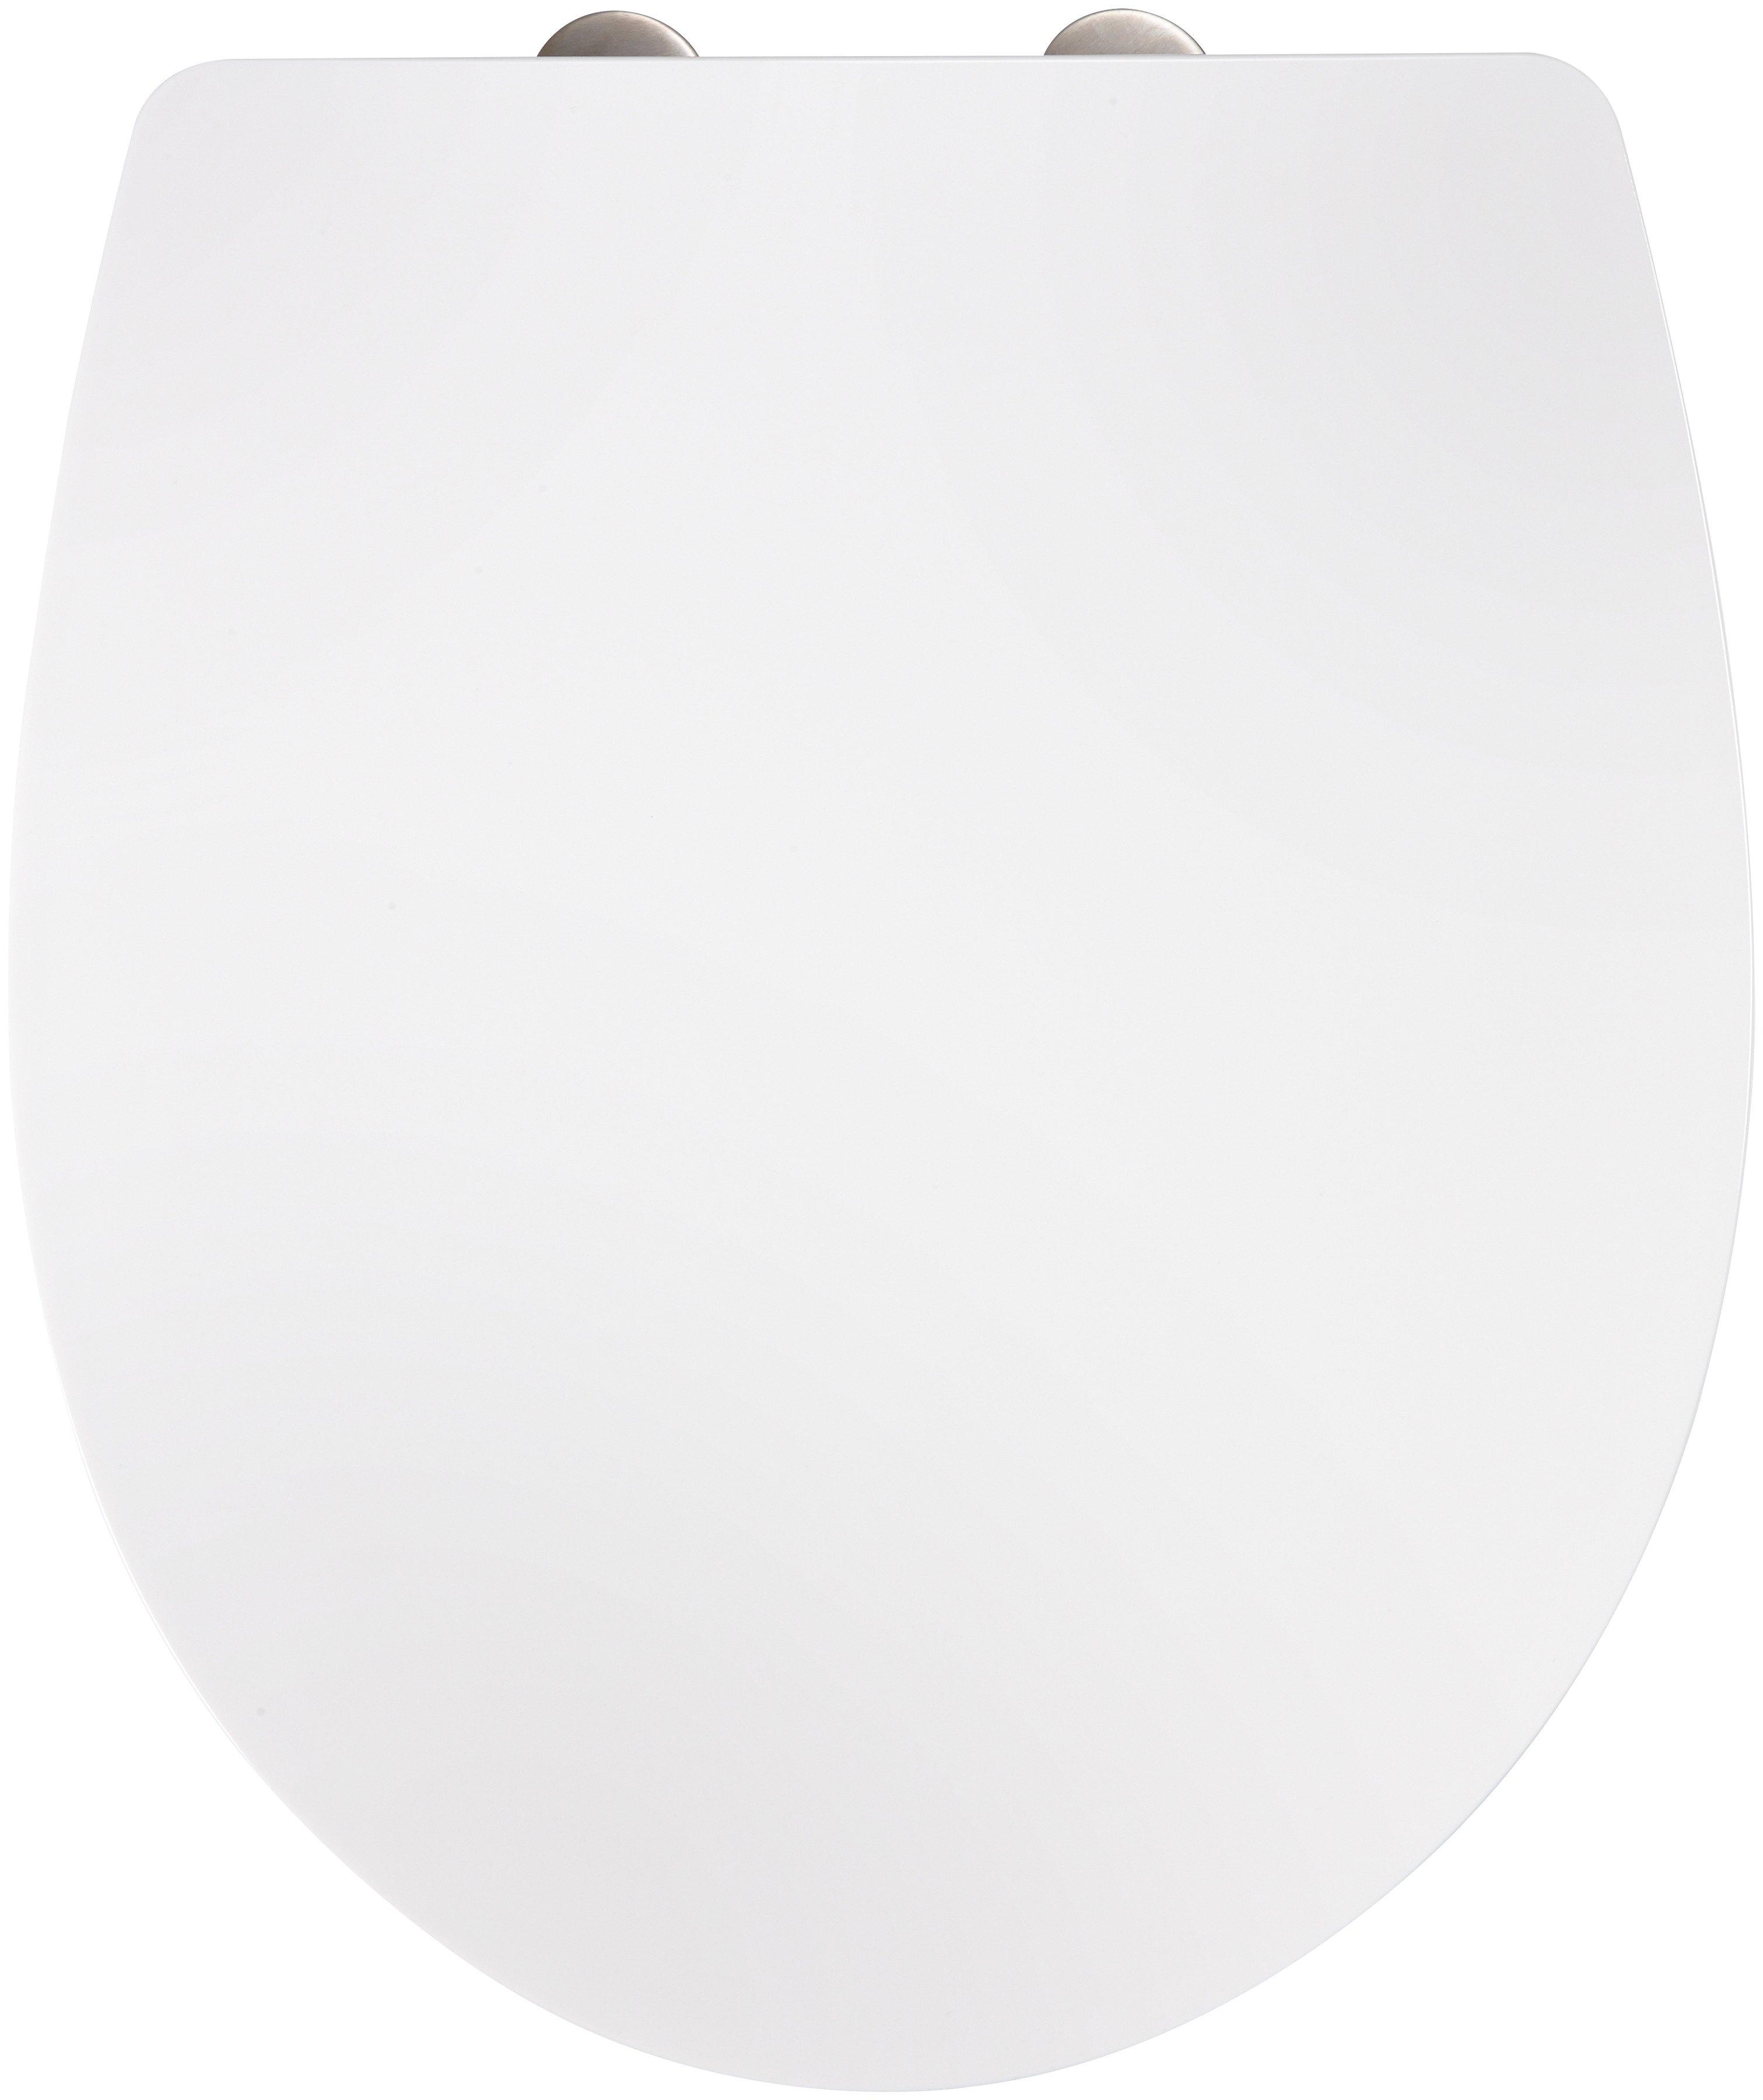 ADOB toiletzitting Imola wit Met soft-closemechanisme nu online kopen bij OTTO